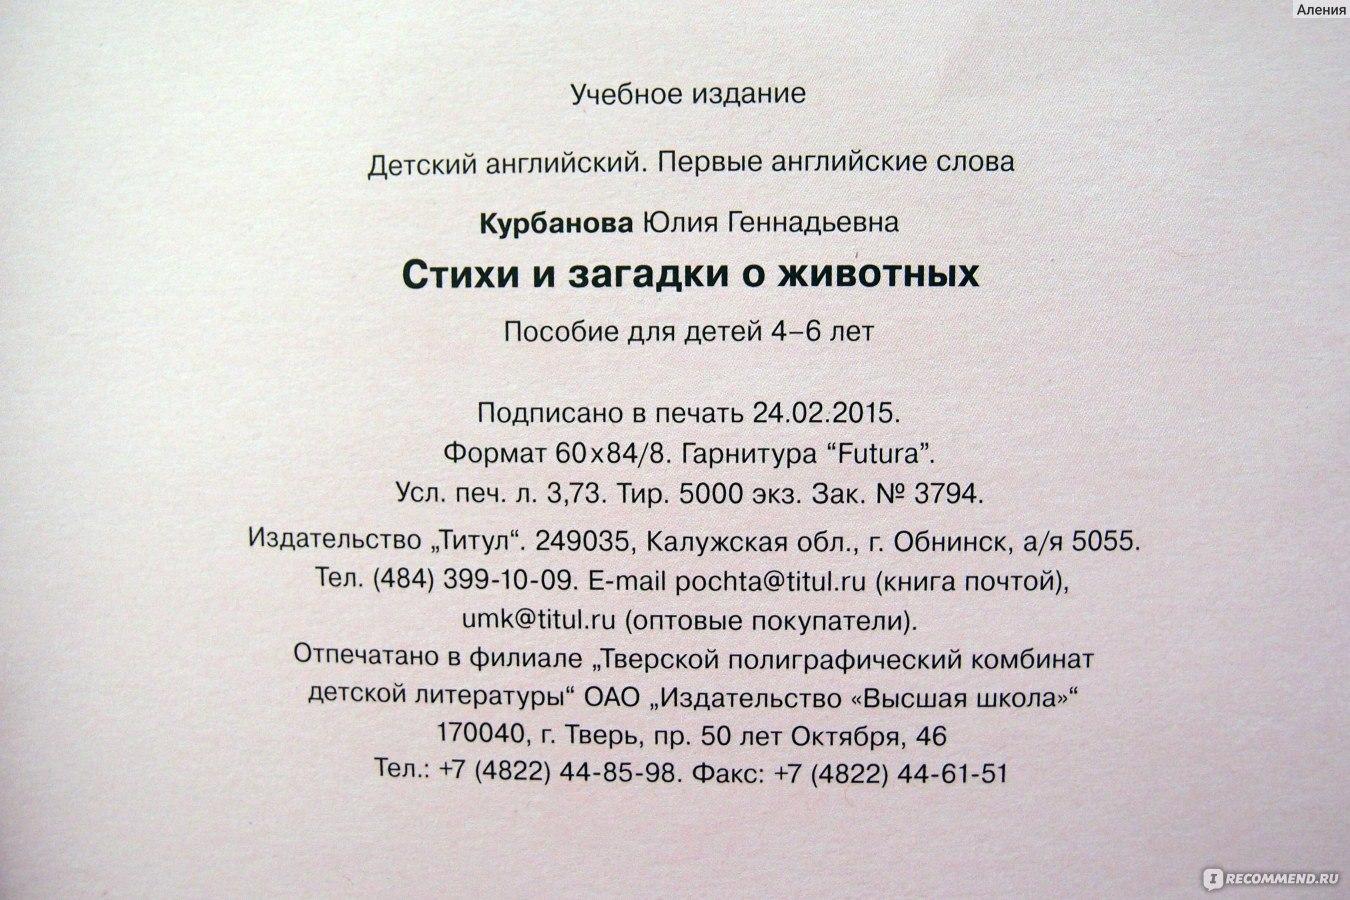 Новогодние стихи для детей 8-1 лет - Euroclubkids ru